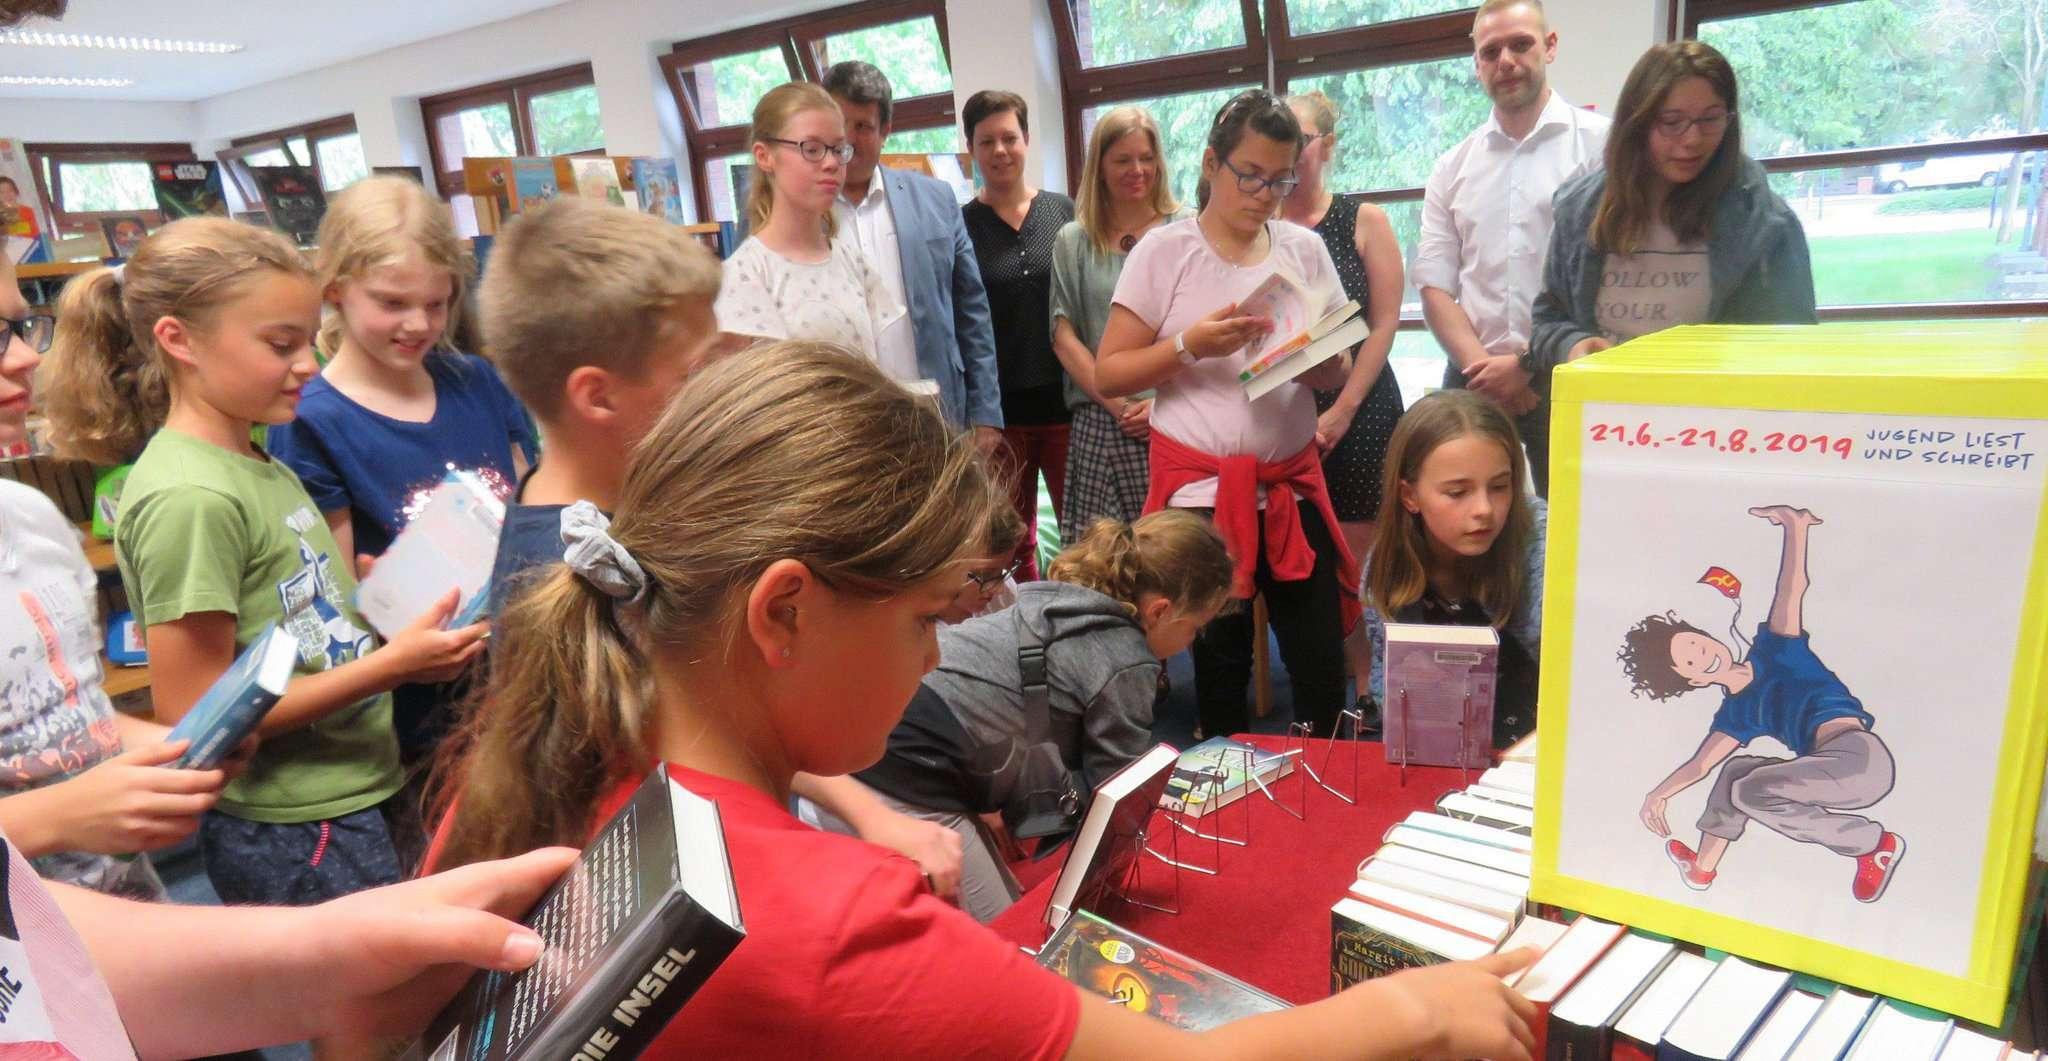 Der Run auf die neuen Bücher war in der Oytener Bücherei immens.  Foto: Elke Keppler-Rosenau